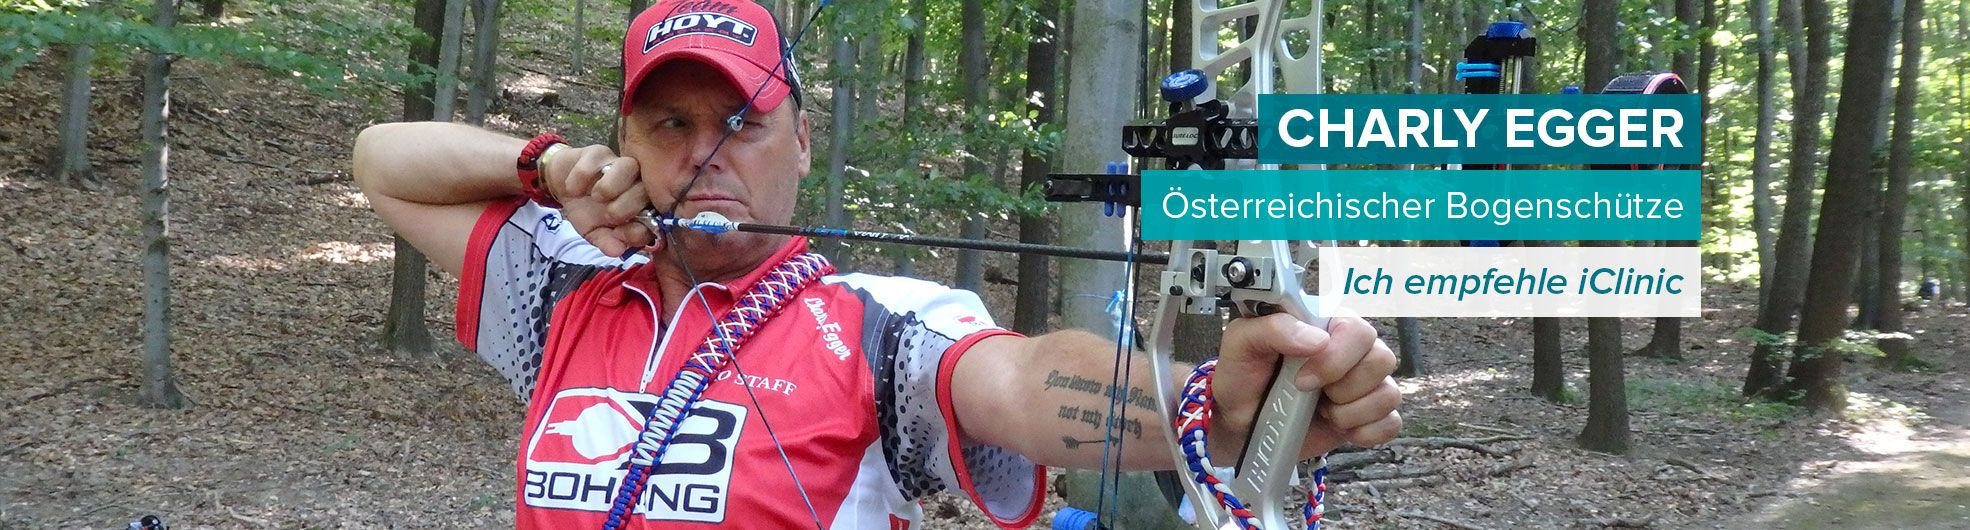 Augenlaser operation Österreichischer Bogenschütze Charly Egger